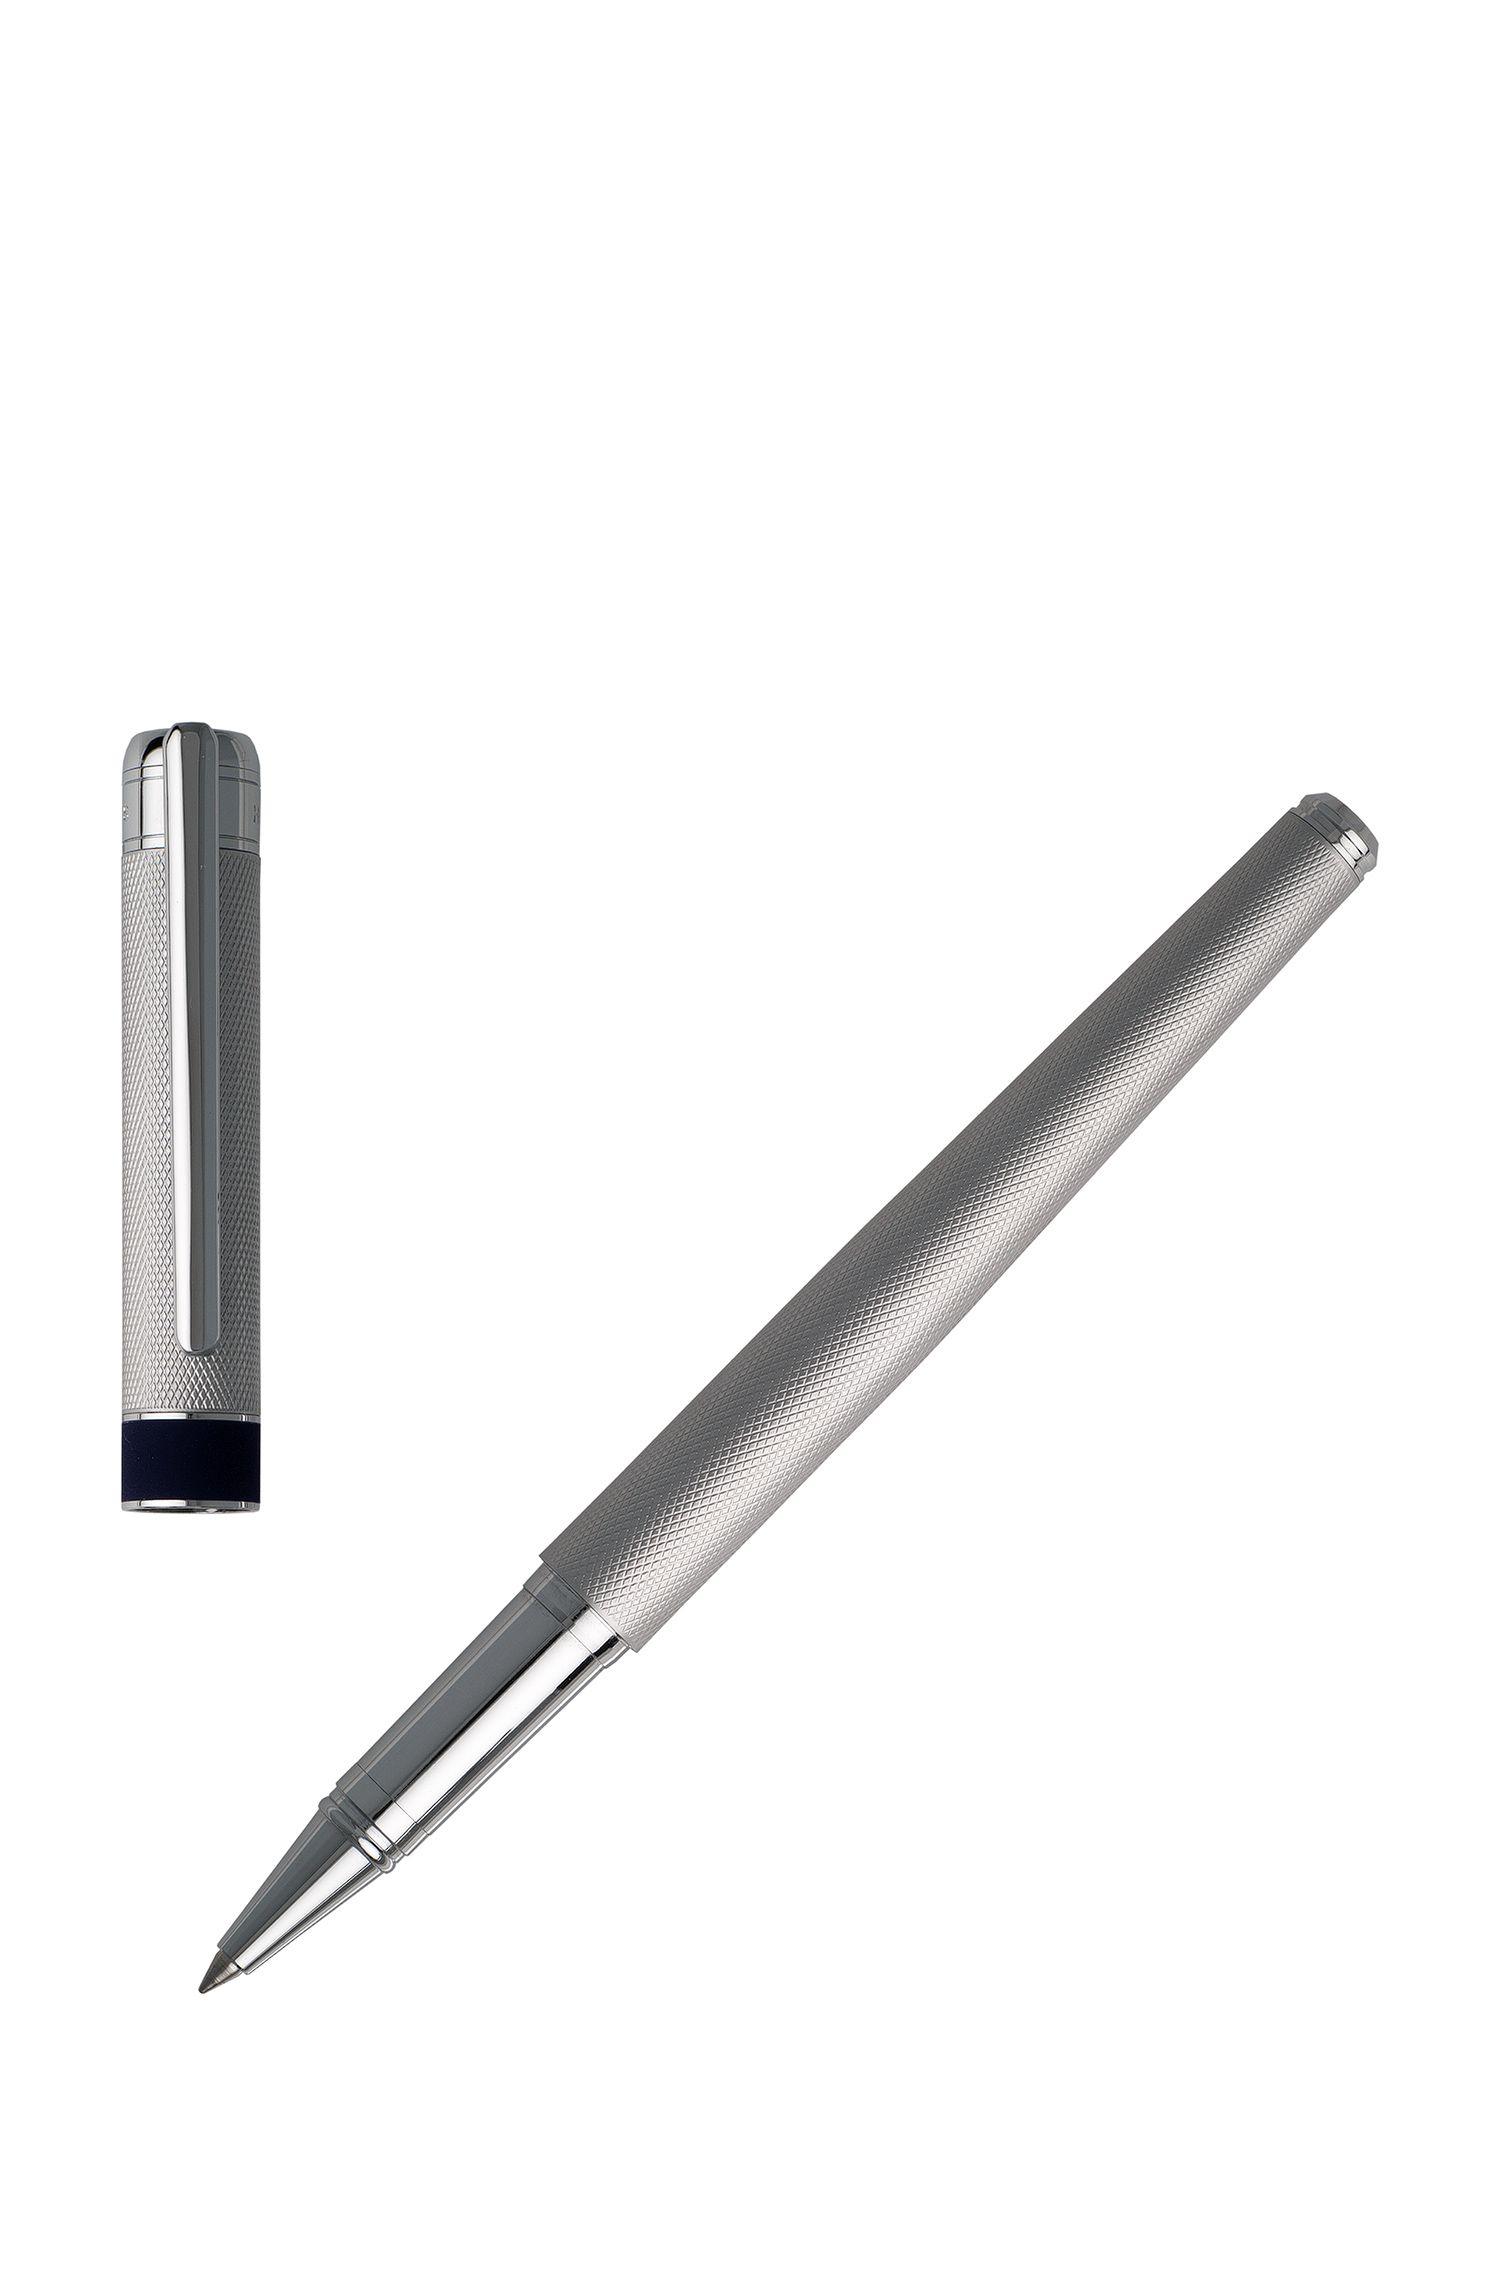 Tintenroller aus strukturiertem Messing mit weichem Mittelring, Silber